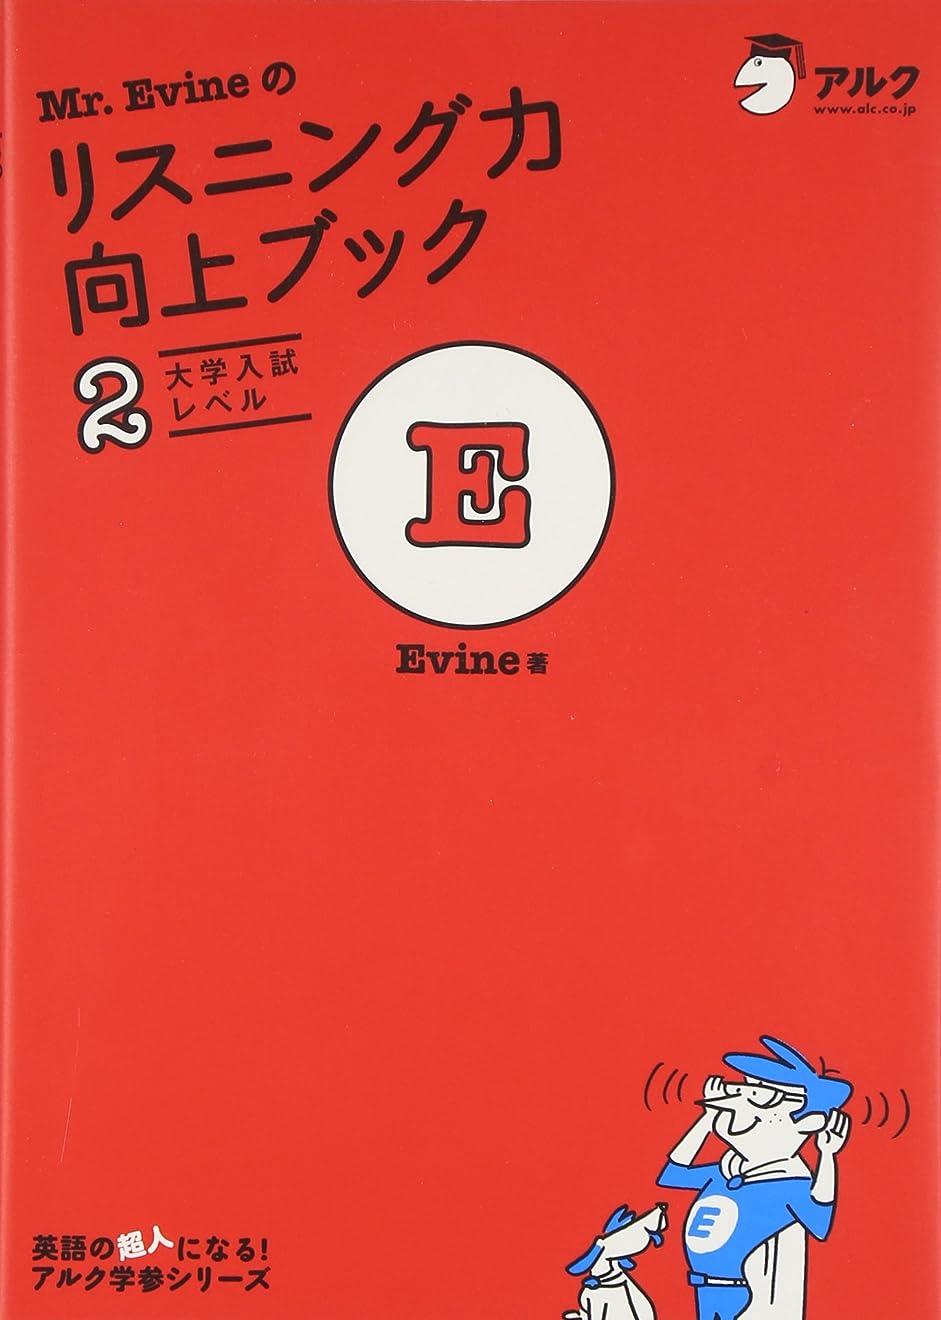 修正甲虫ブラウザ【CD付】 Mr.Evineのリスニング力向上ブック〈2〉大学入試レベル (Mr. Evine シリーズ)